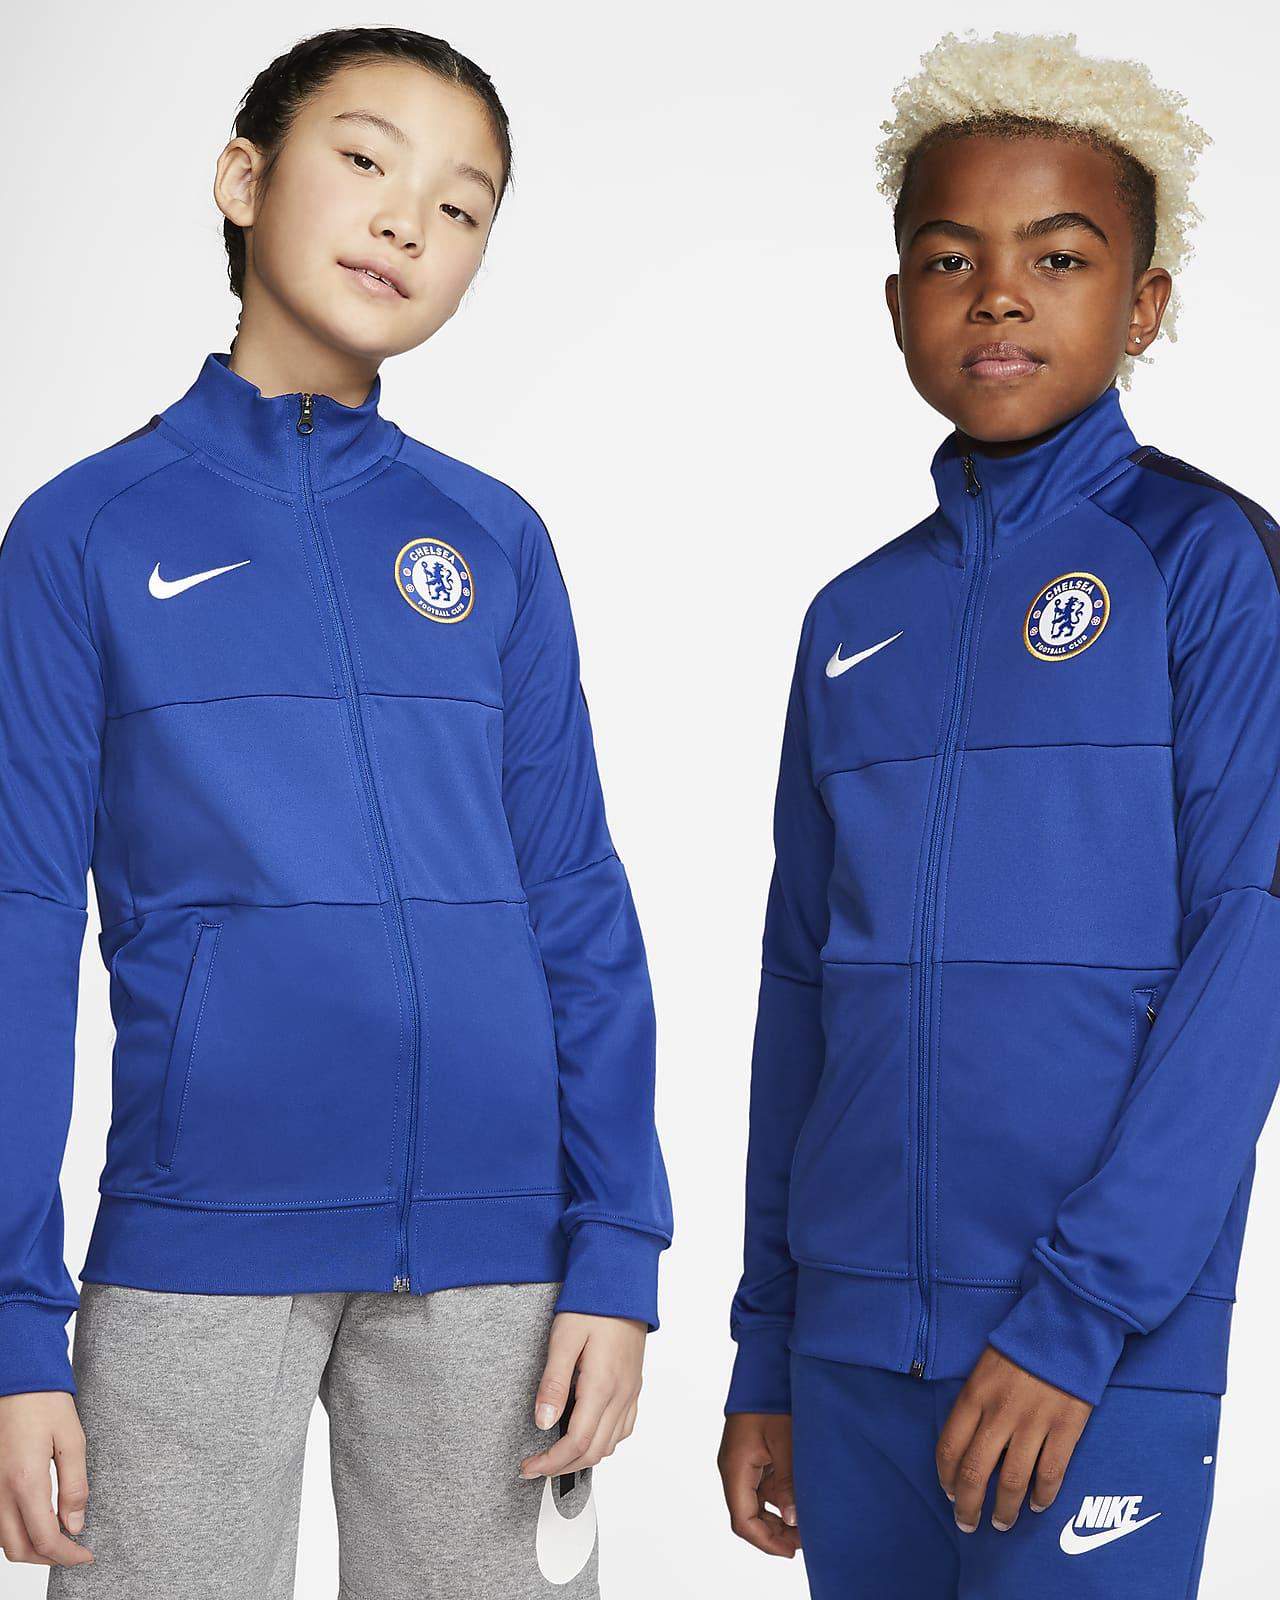 Chelsea F.C. Older Kids' Football Tracksuit Jacket